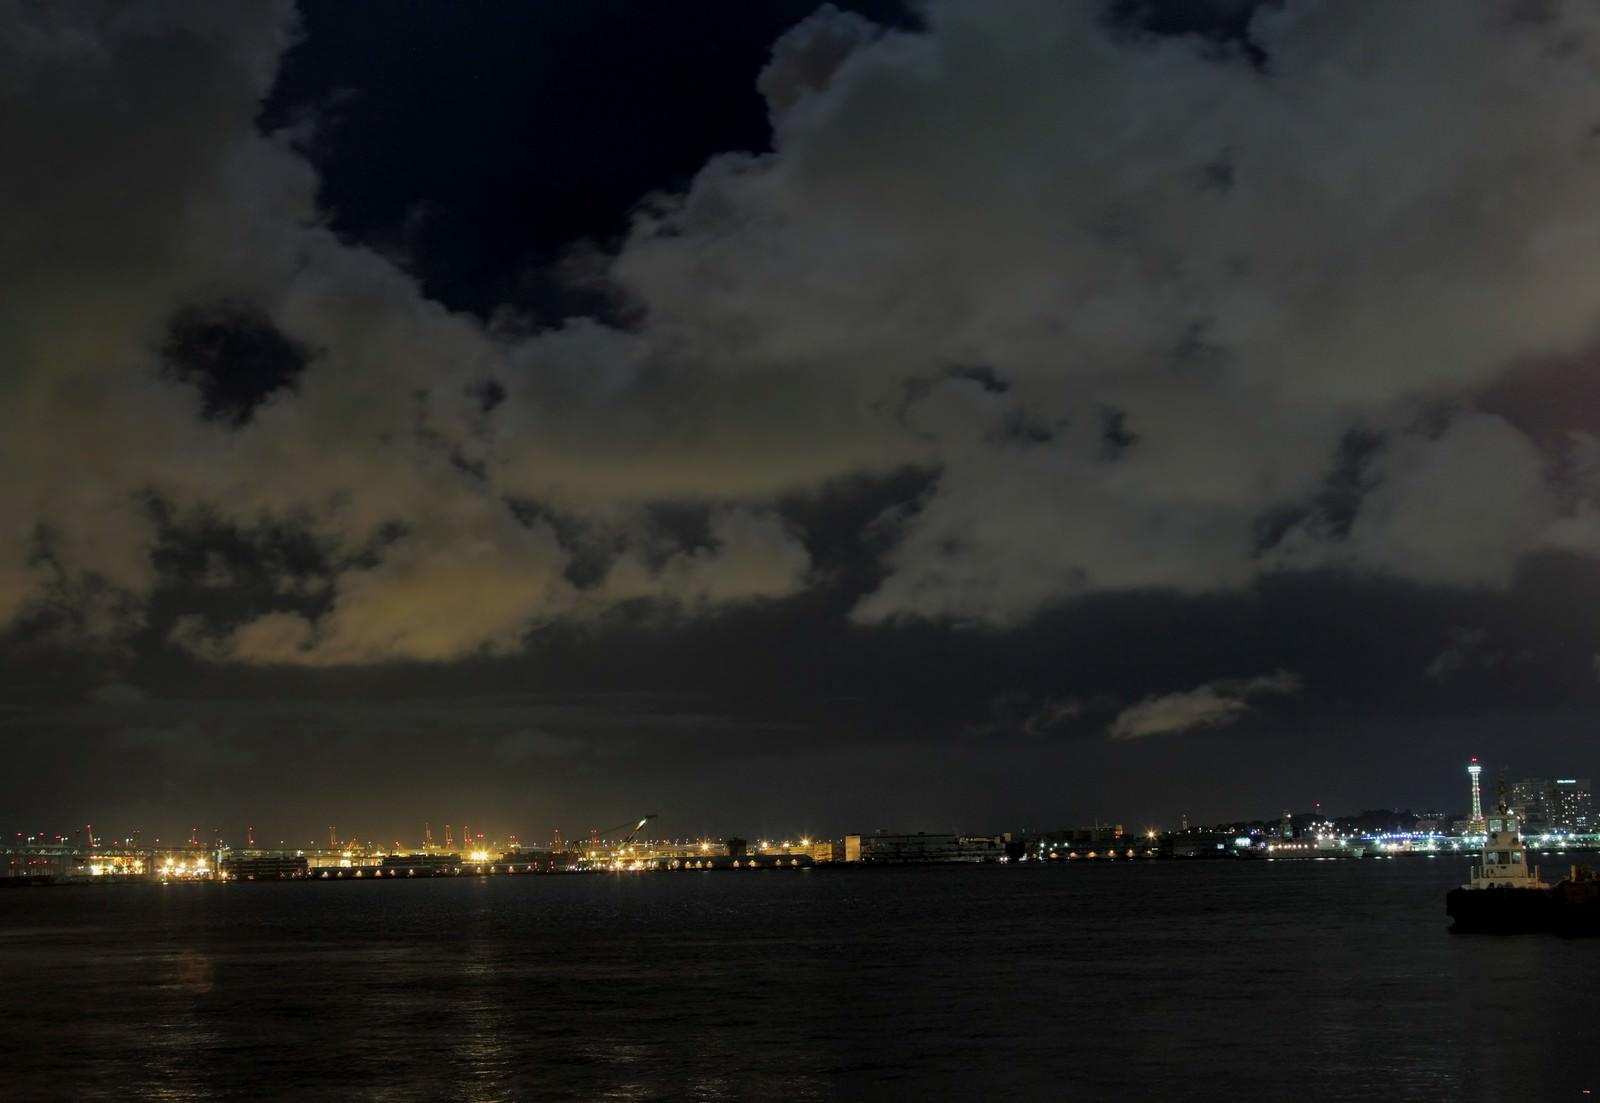 「大黒埠頭の夜景 | 写真の無料素材・フリー素材 - ぱくたそ」の写真